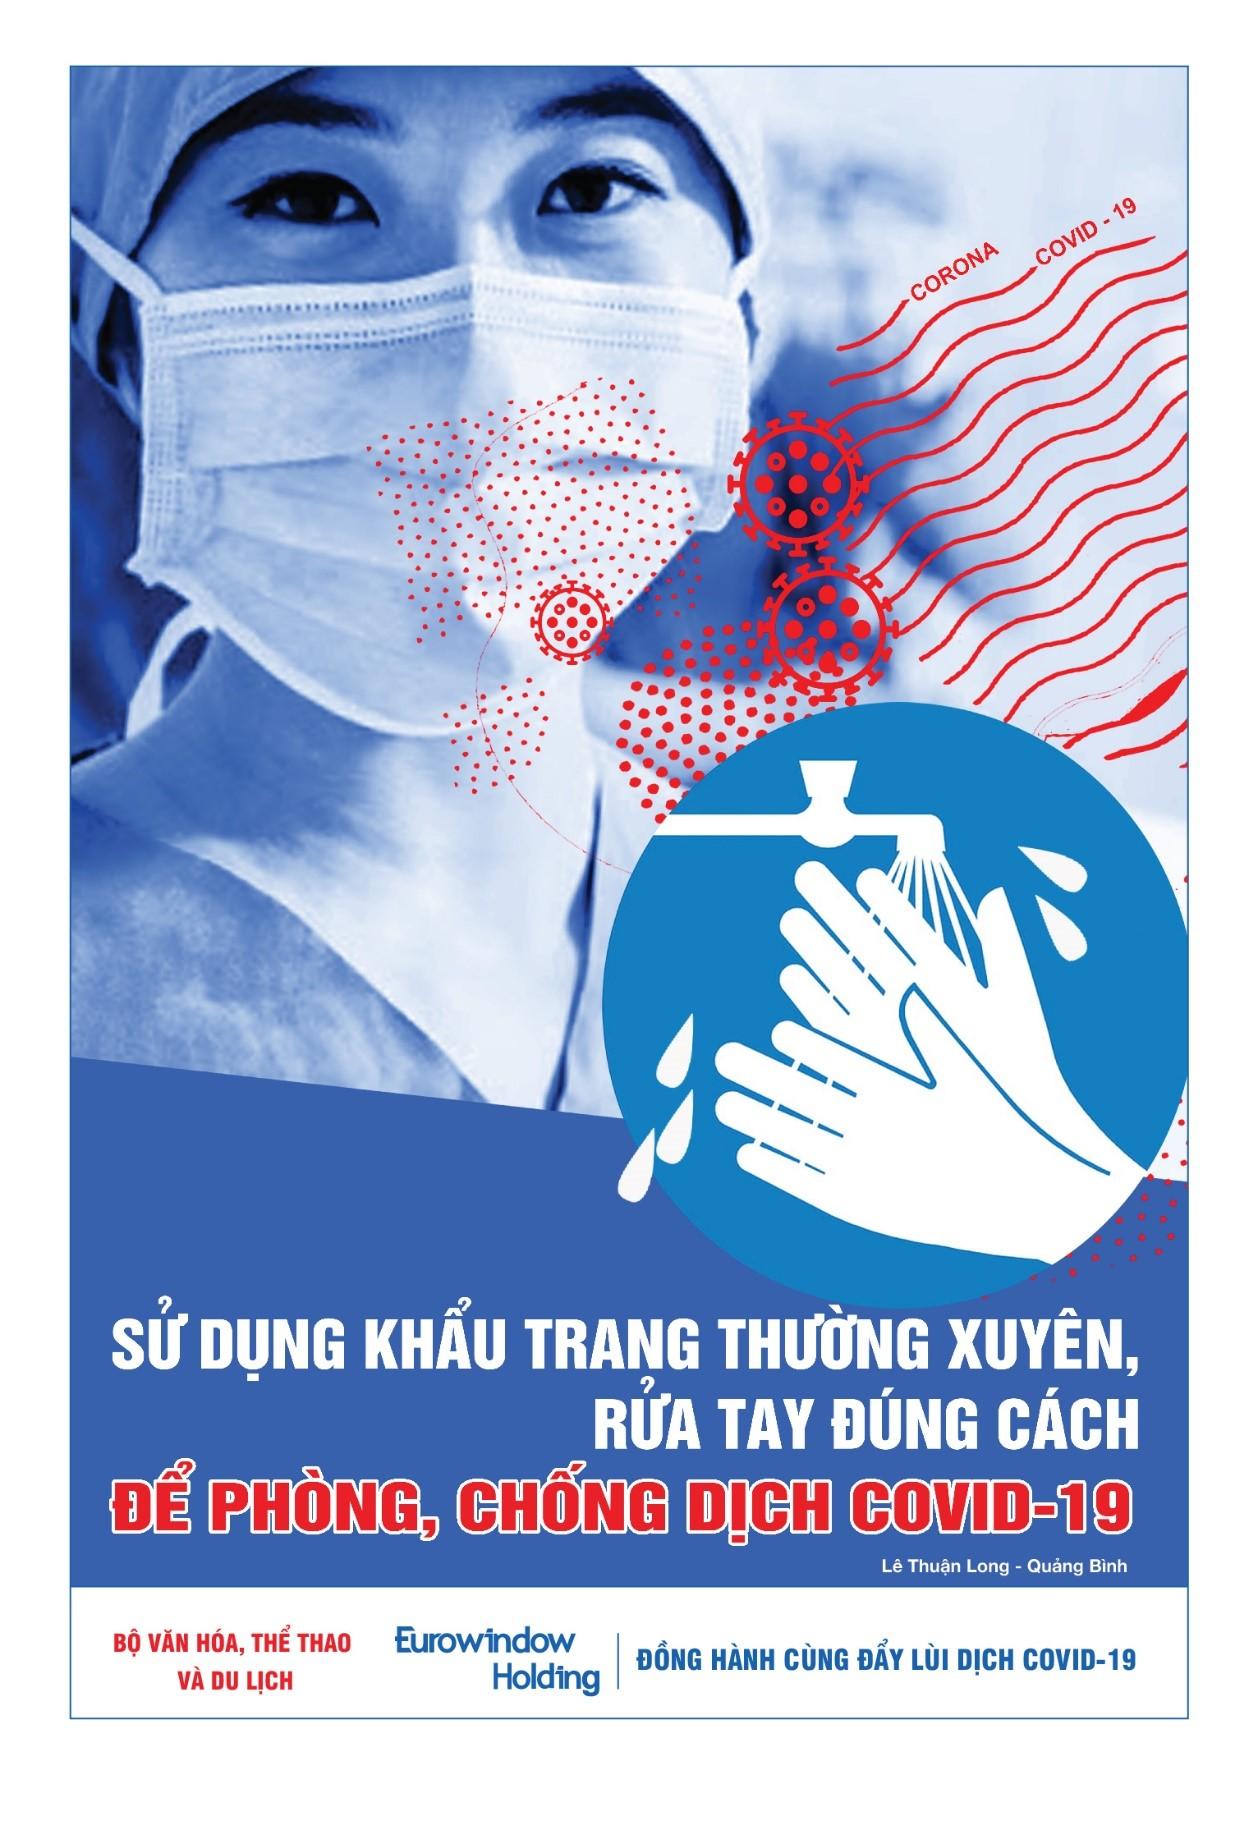 14 tác phẩm xuất sắc đạt giải Cuộc vận động sáng tác Tranh cổ động phòng chống dịch bệnh Covid-19 3